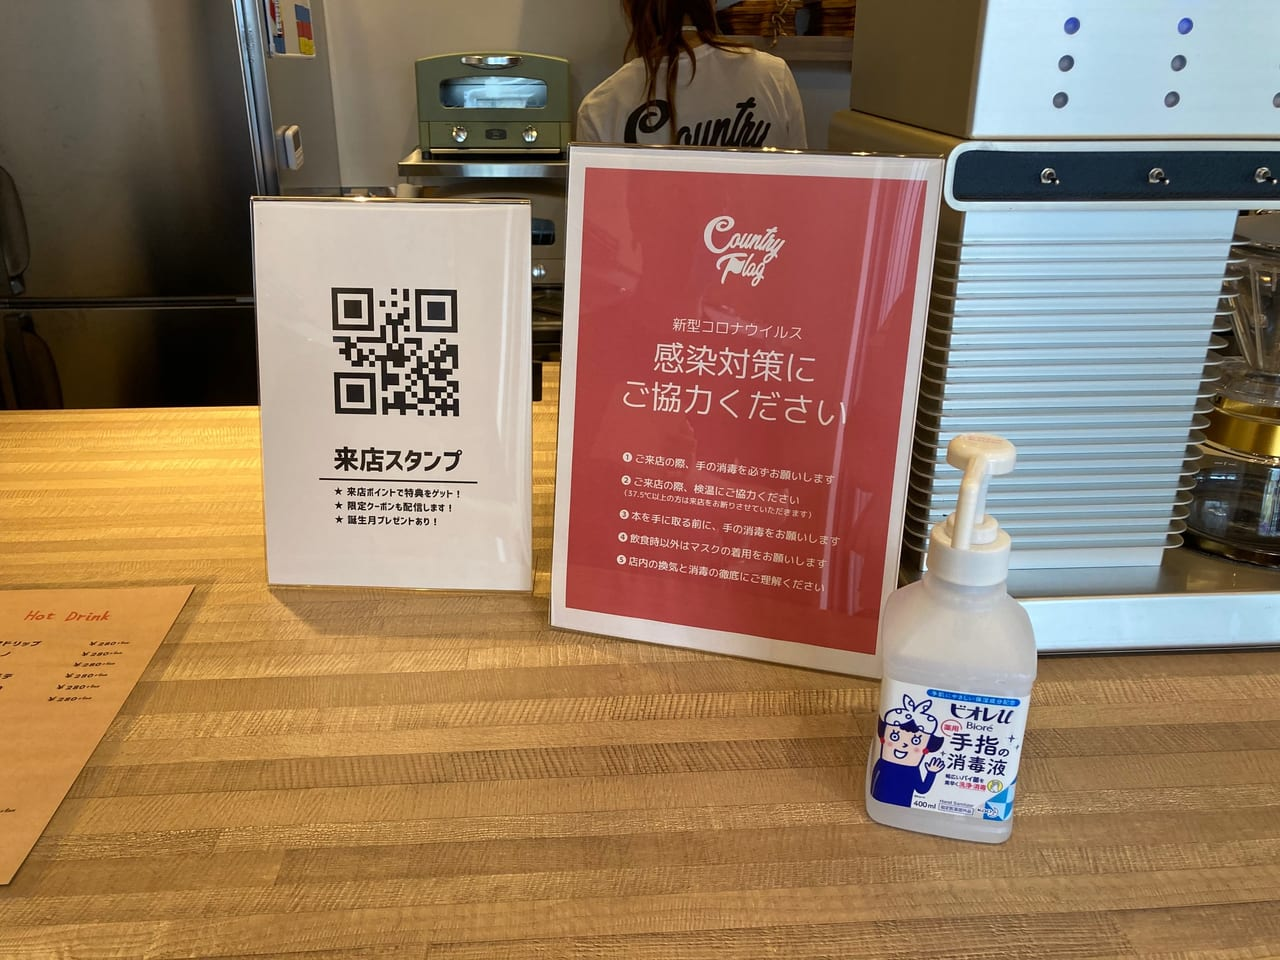 駅近のcoffee&book&workカフェ「カントリーフラッグ」が9月1日(火)オープン